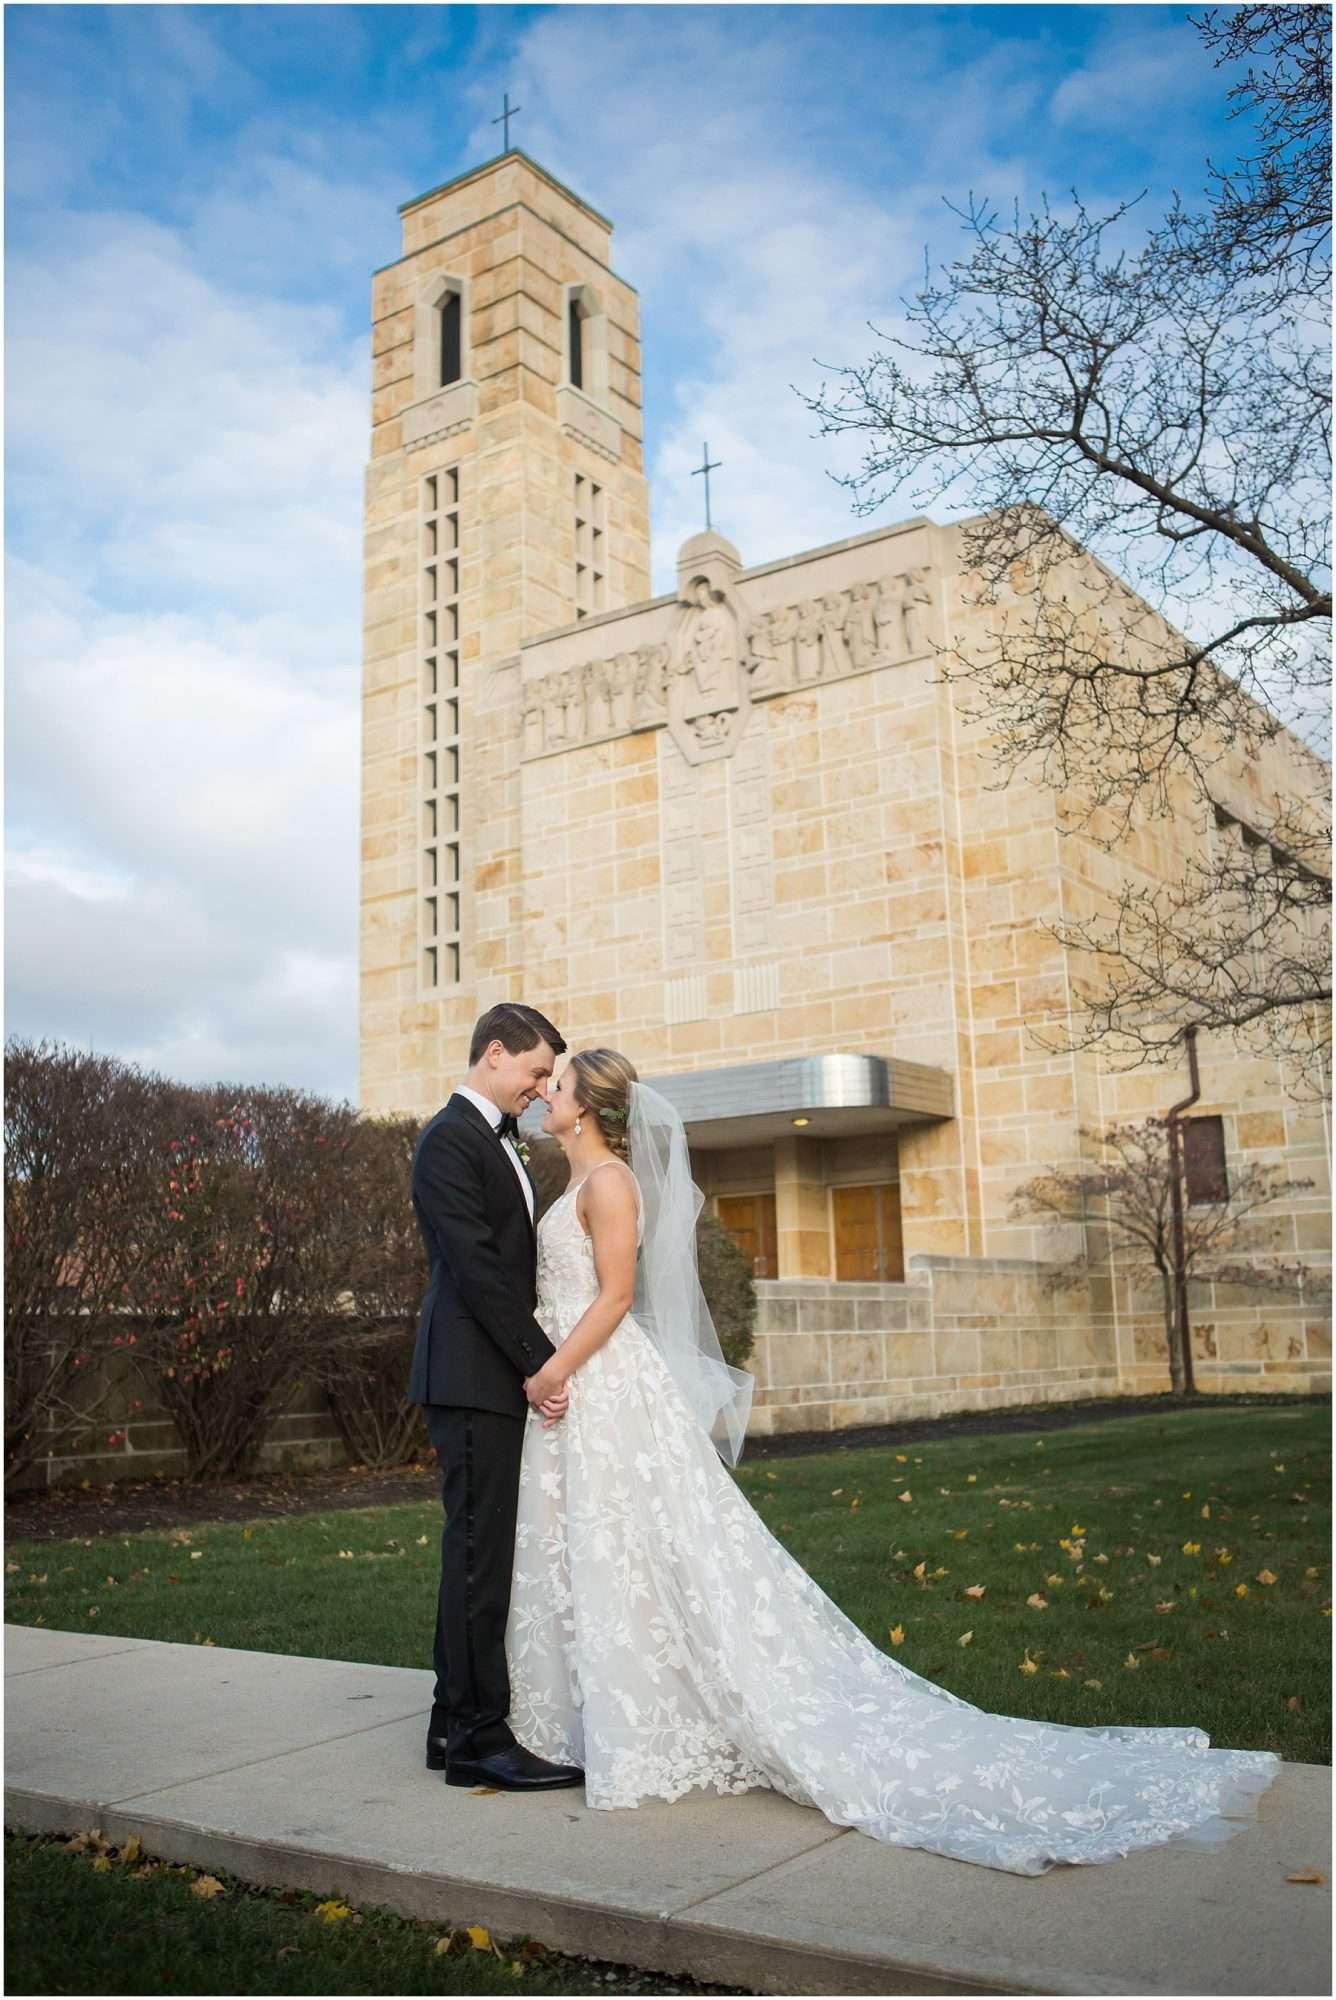 Wedding at the Ohio Statehouse | Columbus Ohio Weddings 126